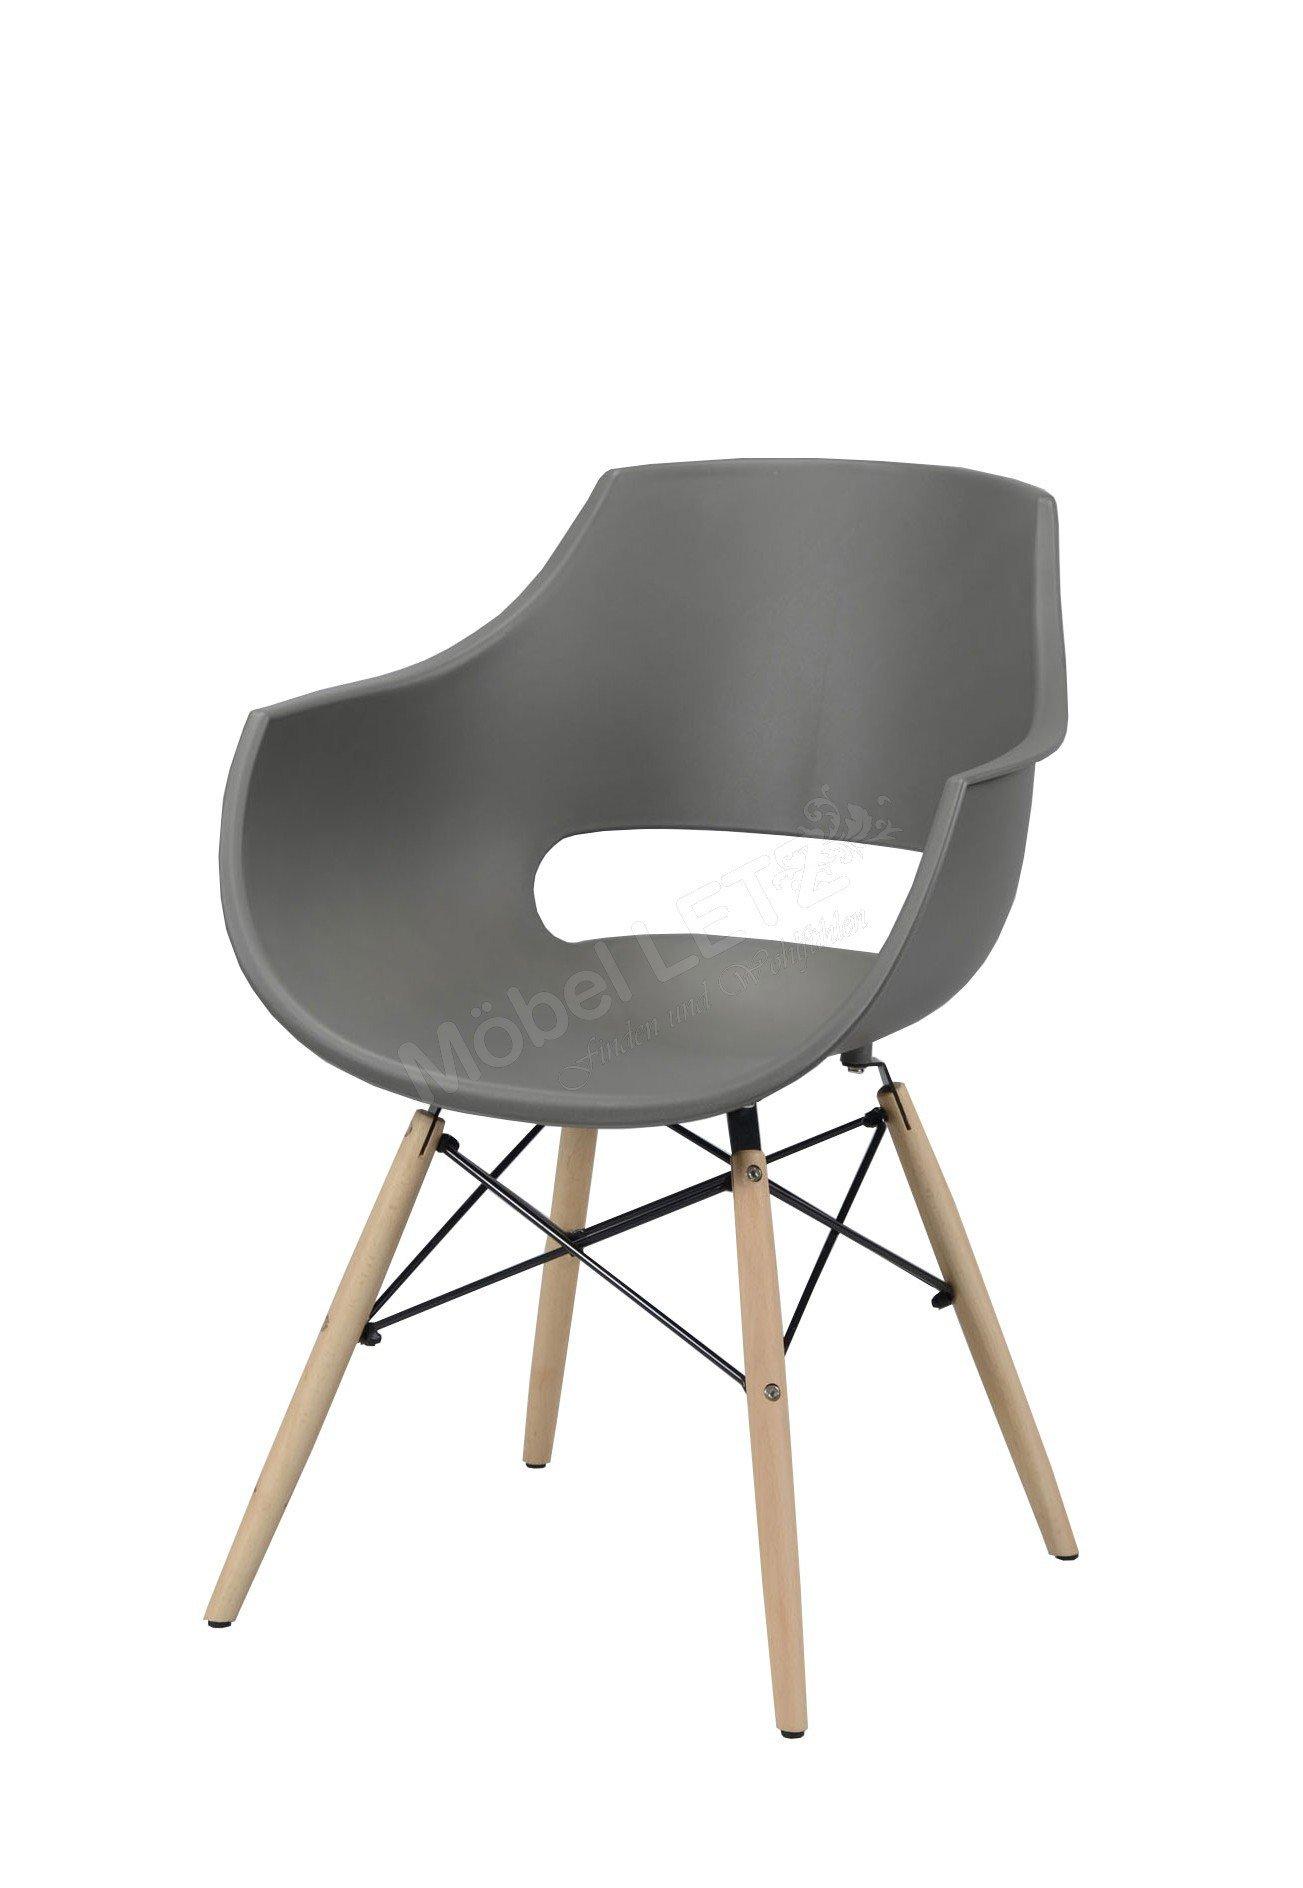 sthle kunststoff modell aira with sthle kunststoff full size of kindertisch garten kunststoff. Black Bedroom Furniture Sets. Home Design Ideas